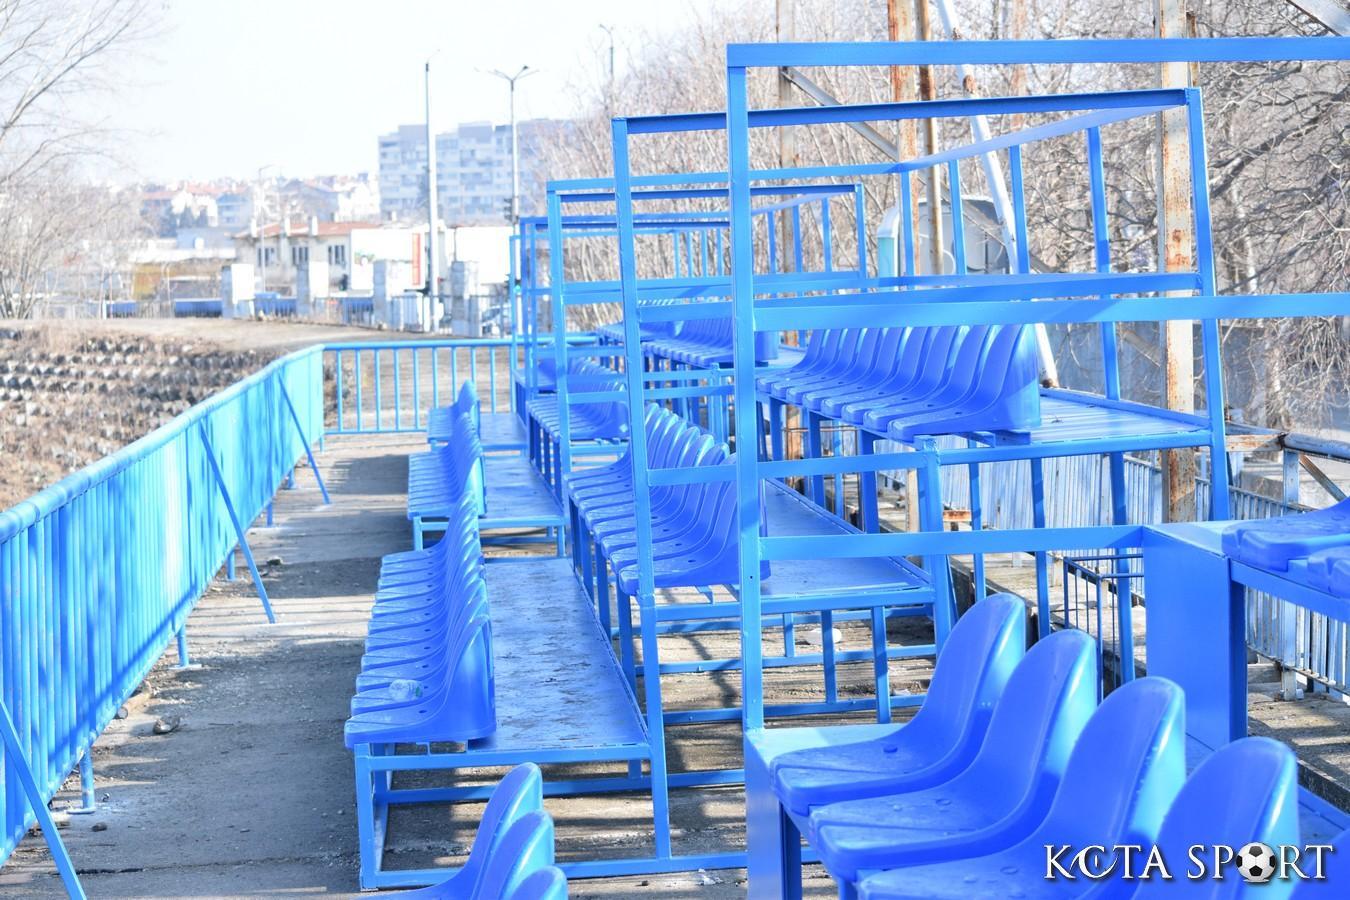 stadion chernomoretz 2